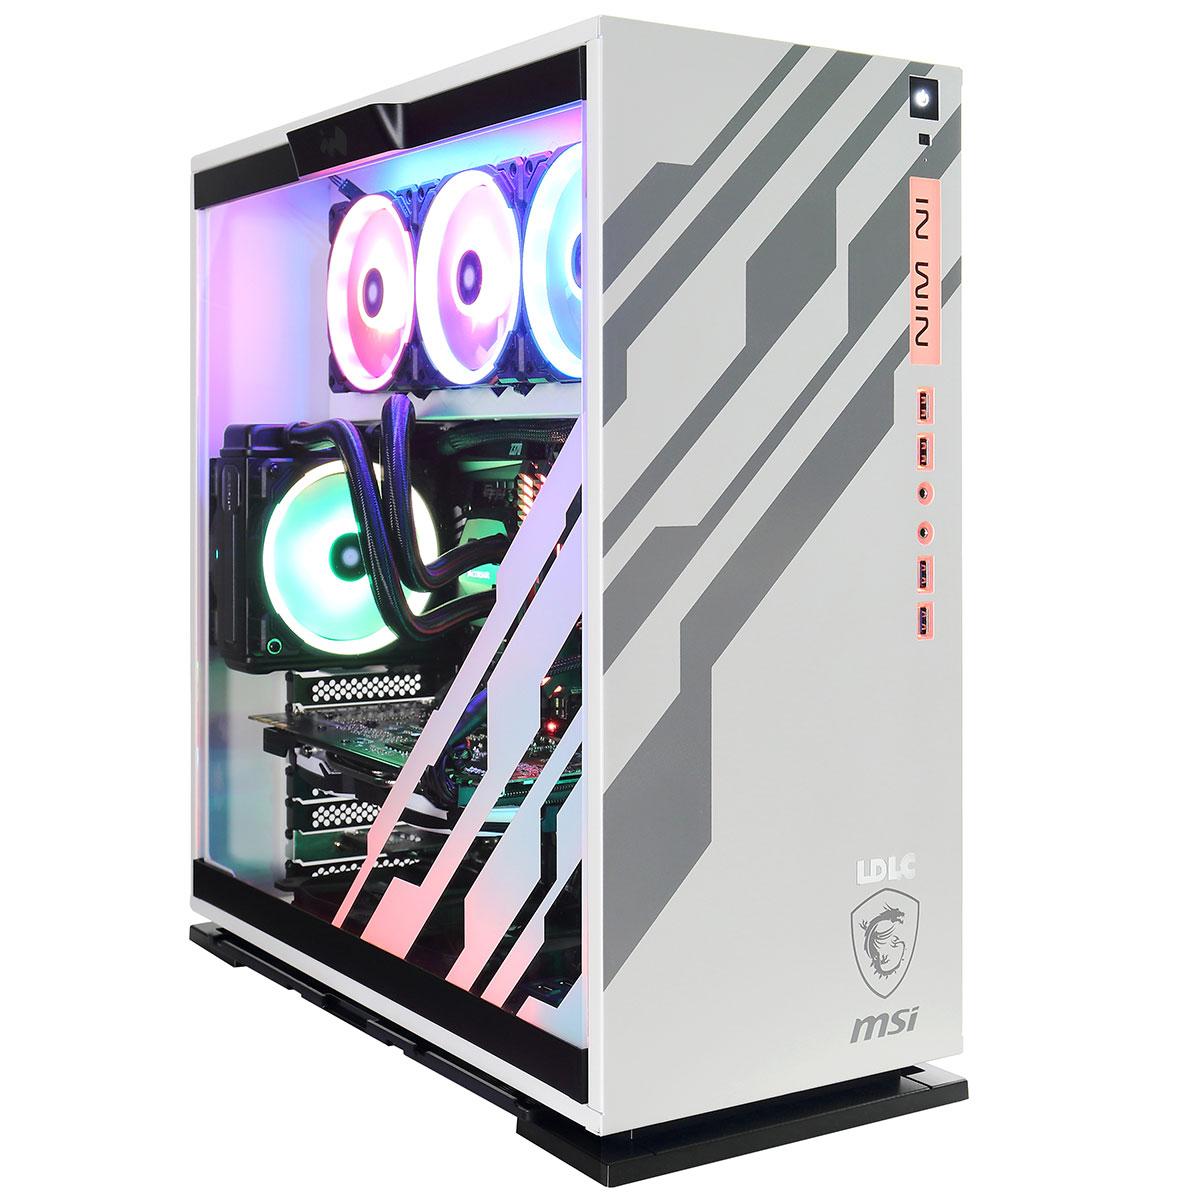 PC de bureau LDLC PC10 Coffee Macchiato RGB Intel Core i7-9700K (3.6 GHz) 16 Go SSD NVMe 240 Go + HDD 2 To NVIDIA GeForce RTX 2080 8 Go Windows 10 Famille 64 bits (monté)